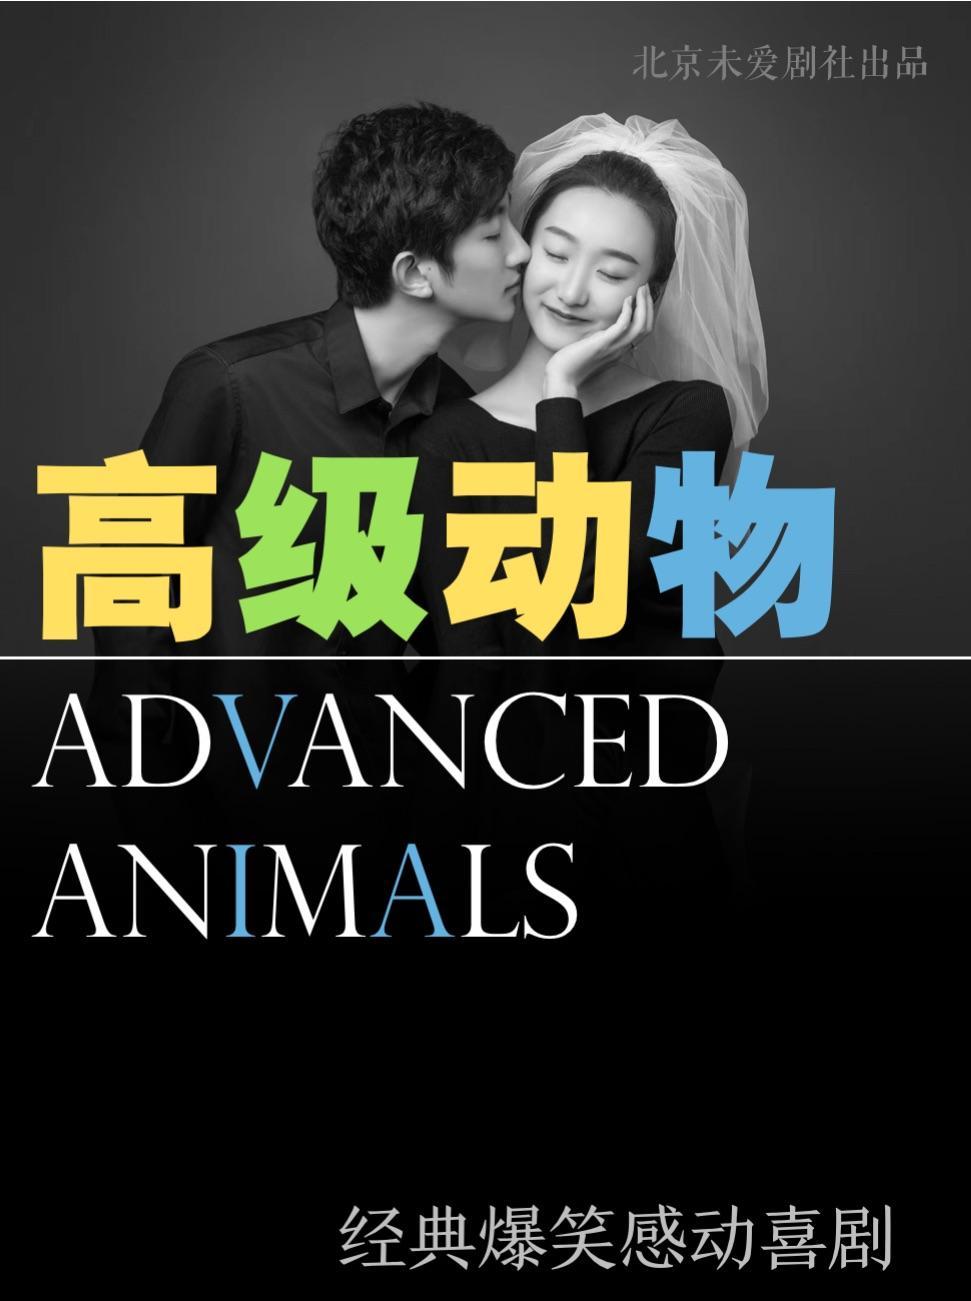 北京爆笑感动话剧《高级动物》